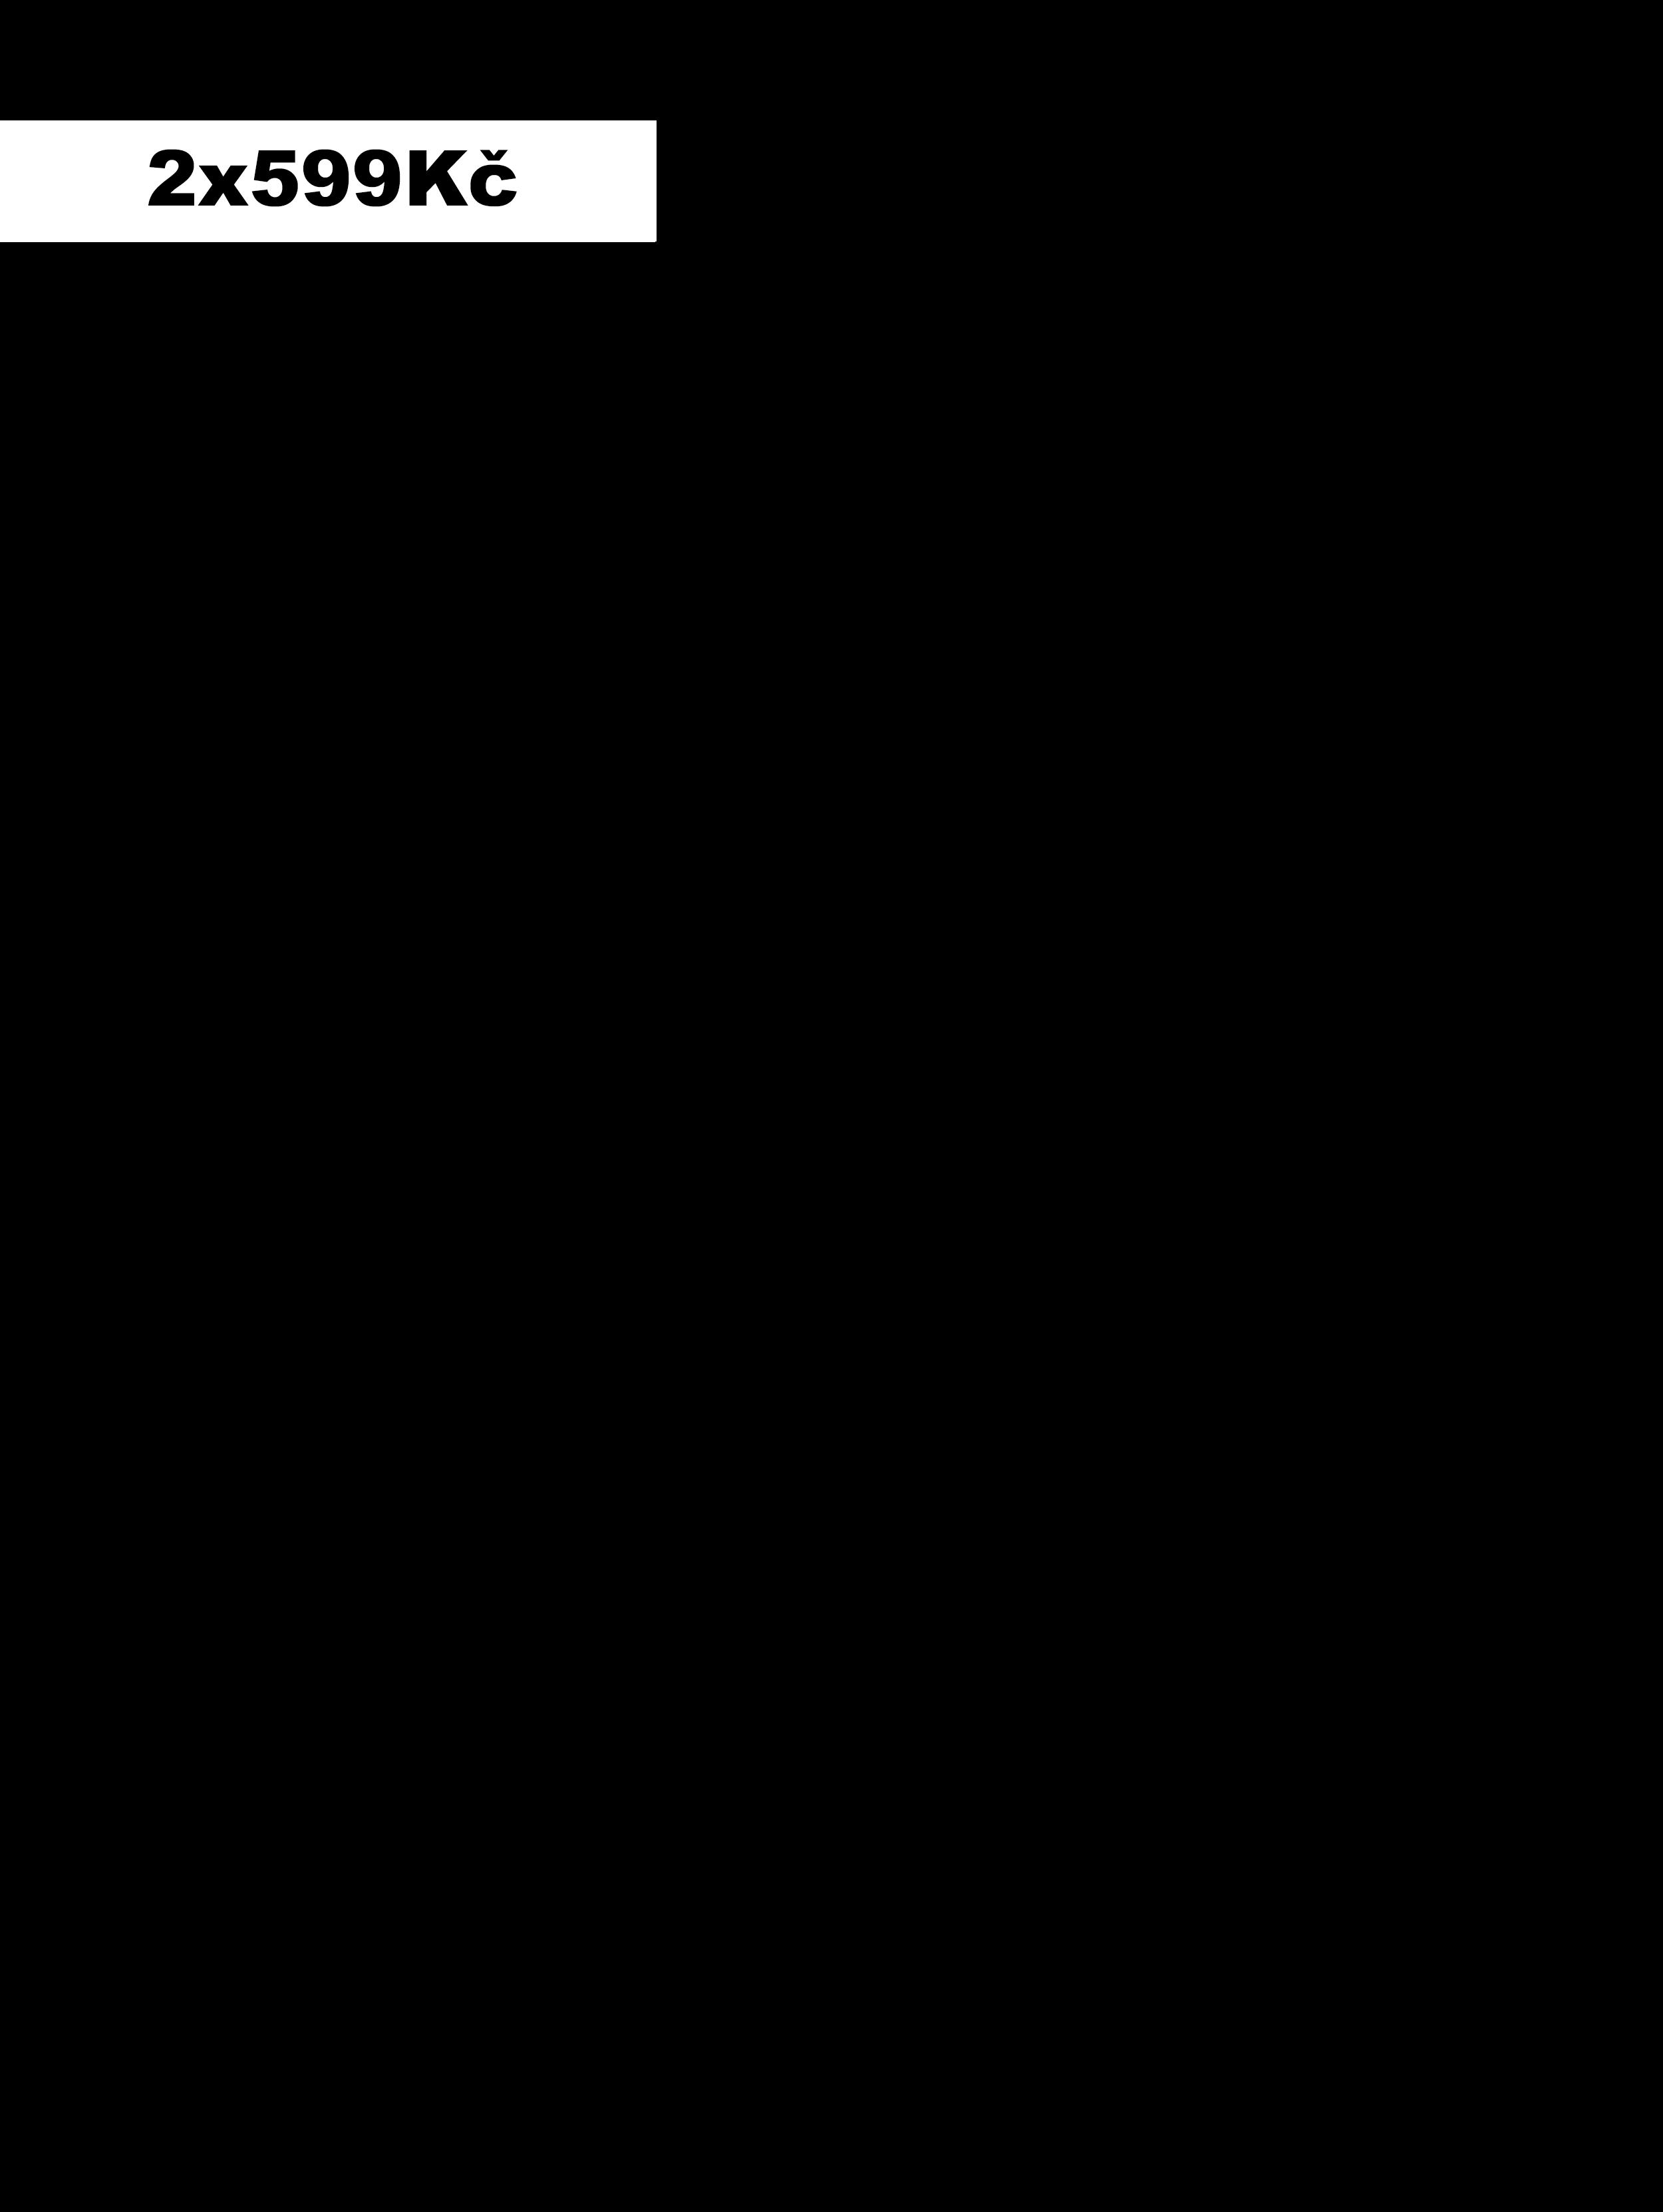 CZ_2x599